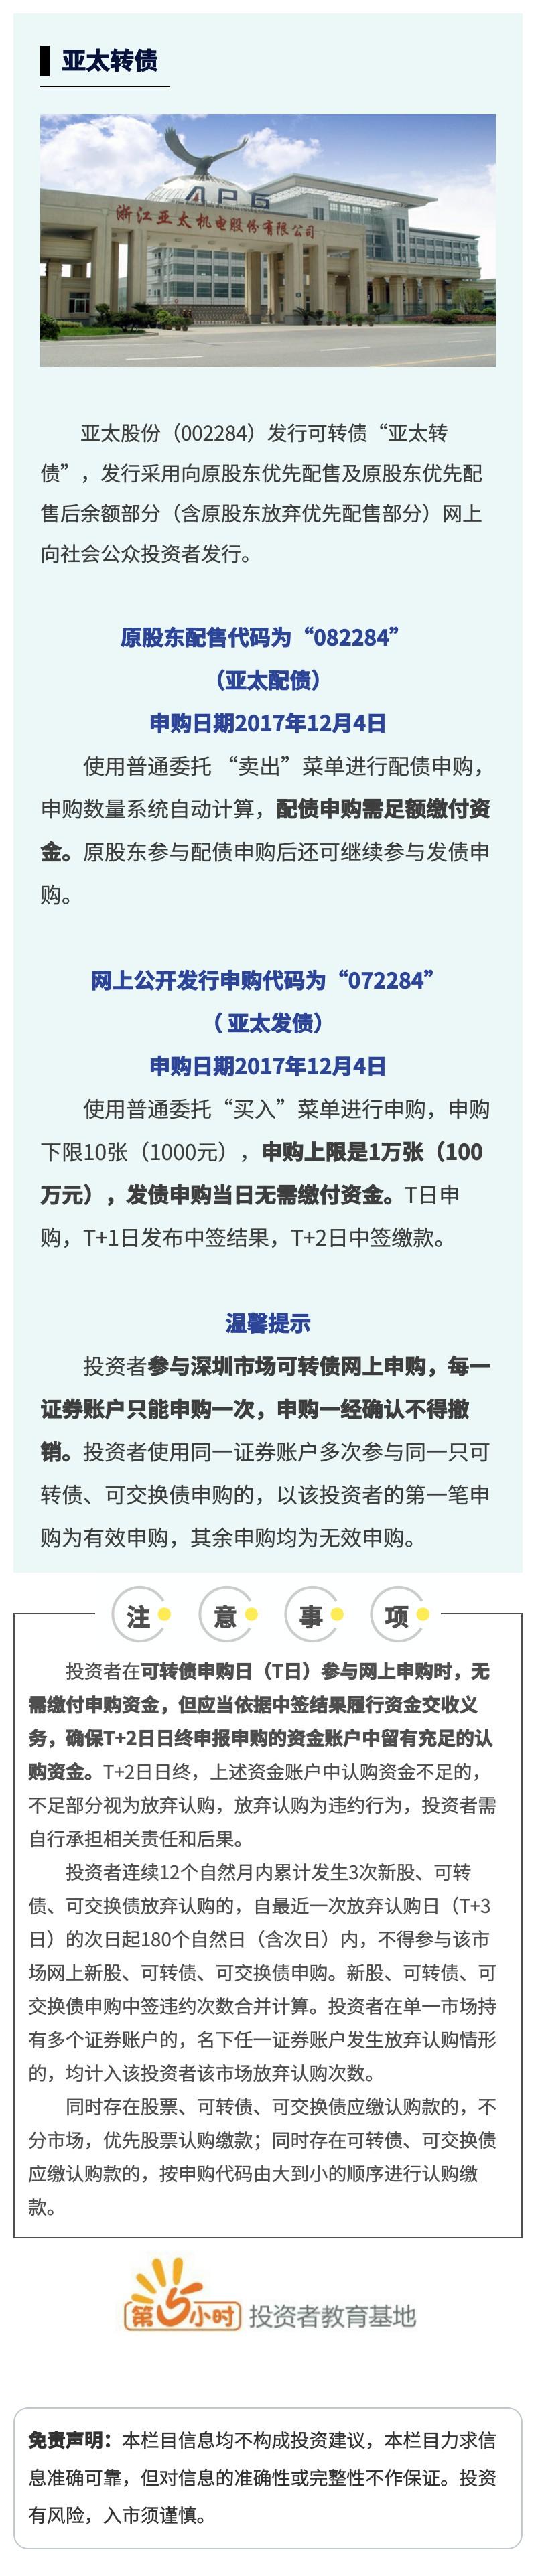 【打新债】亚太股份公开发行可转换公司债.jpg